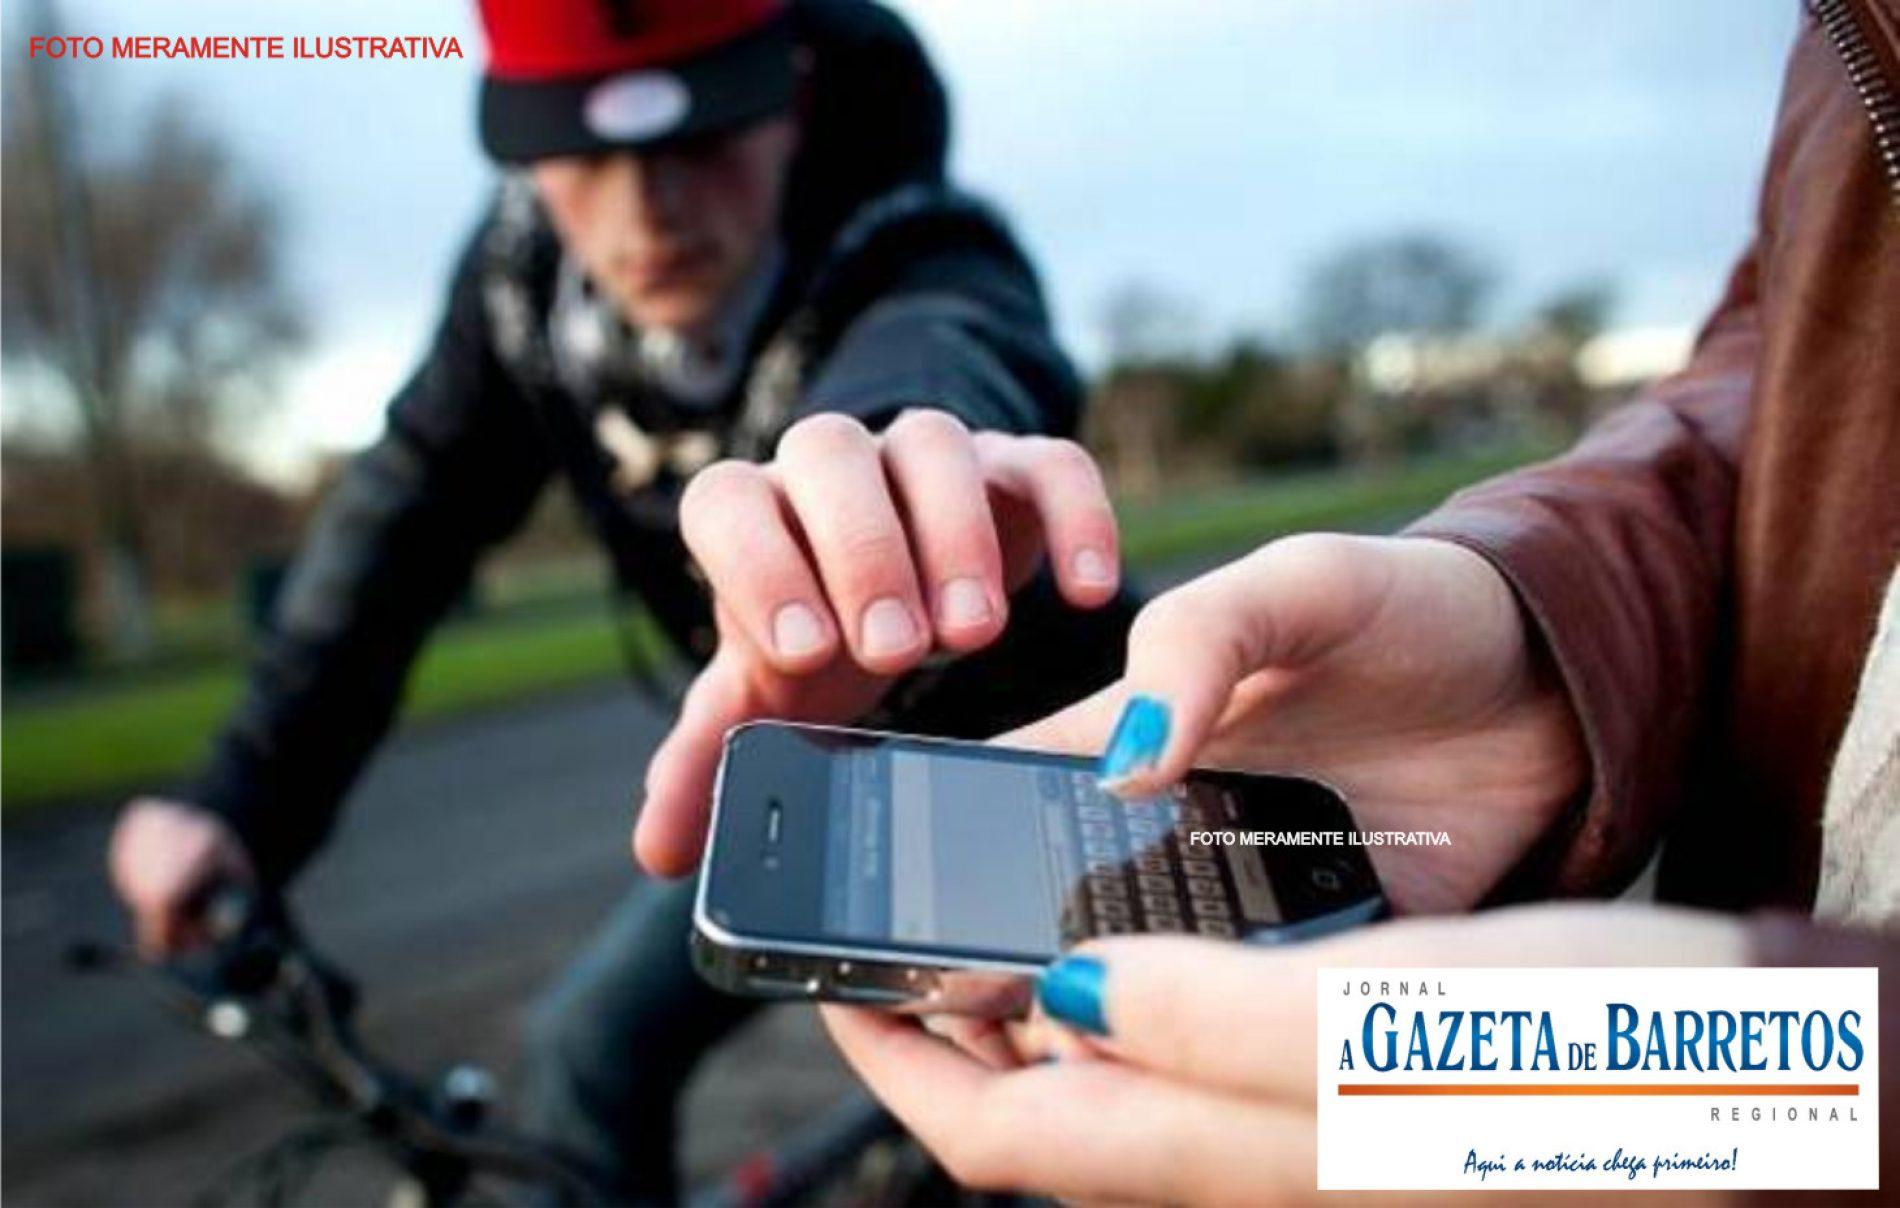 Costureira tem celular roubado na via pública